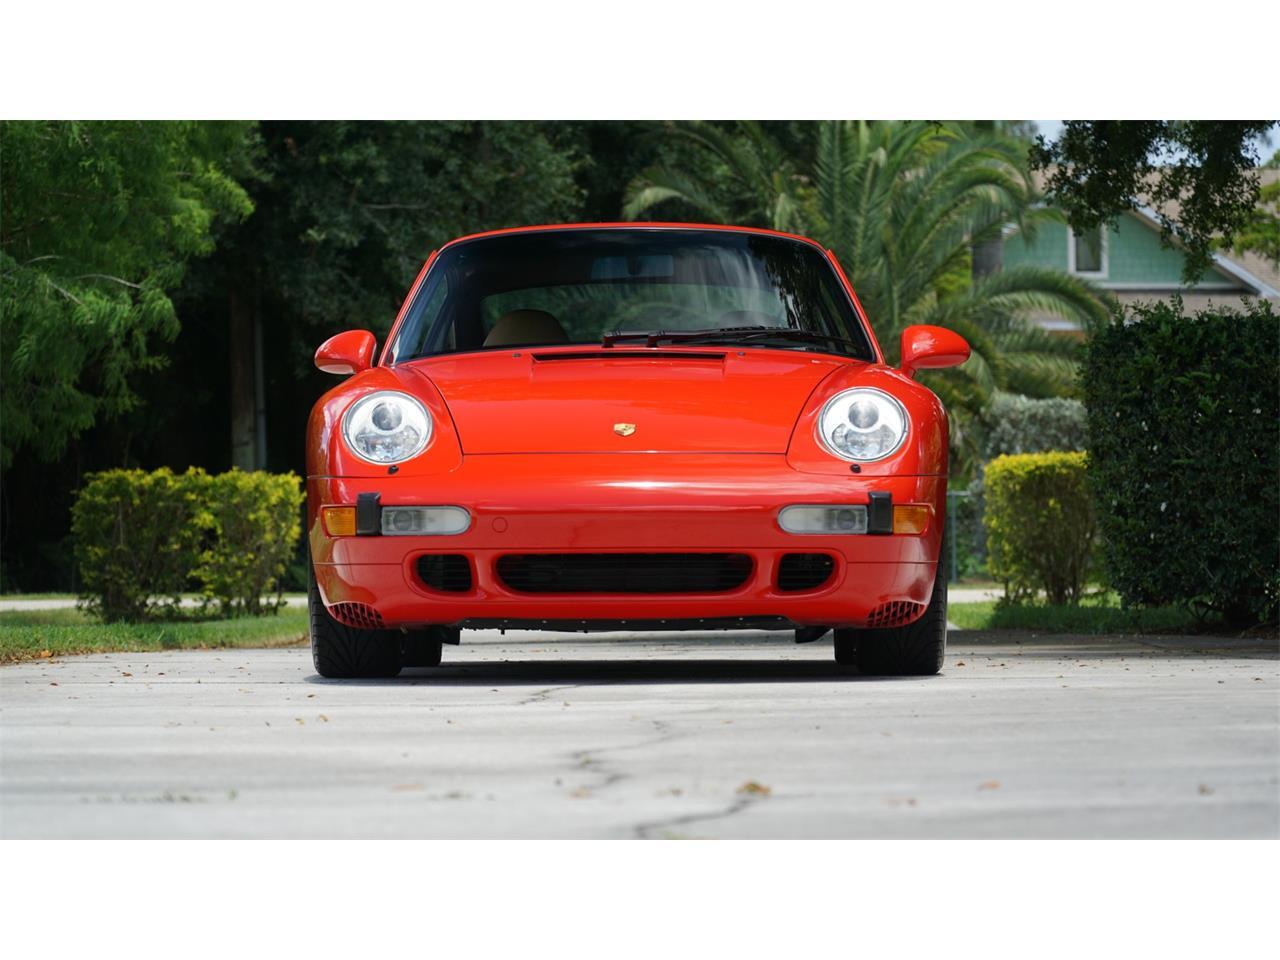 Porsche Fort Myers >> 1996 Porsche 911 Turbo For Sale Classiccars Com Cc 1225321